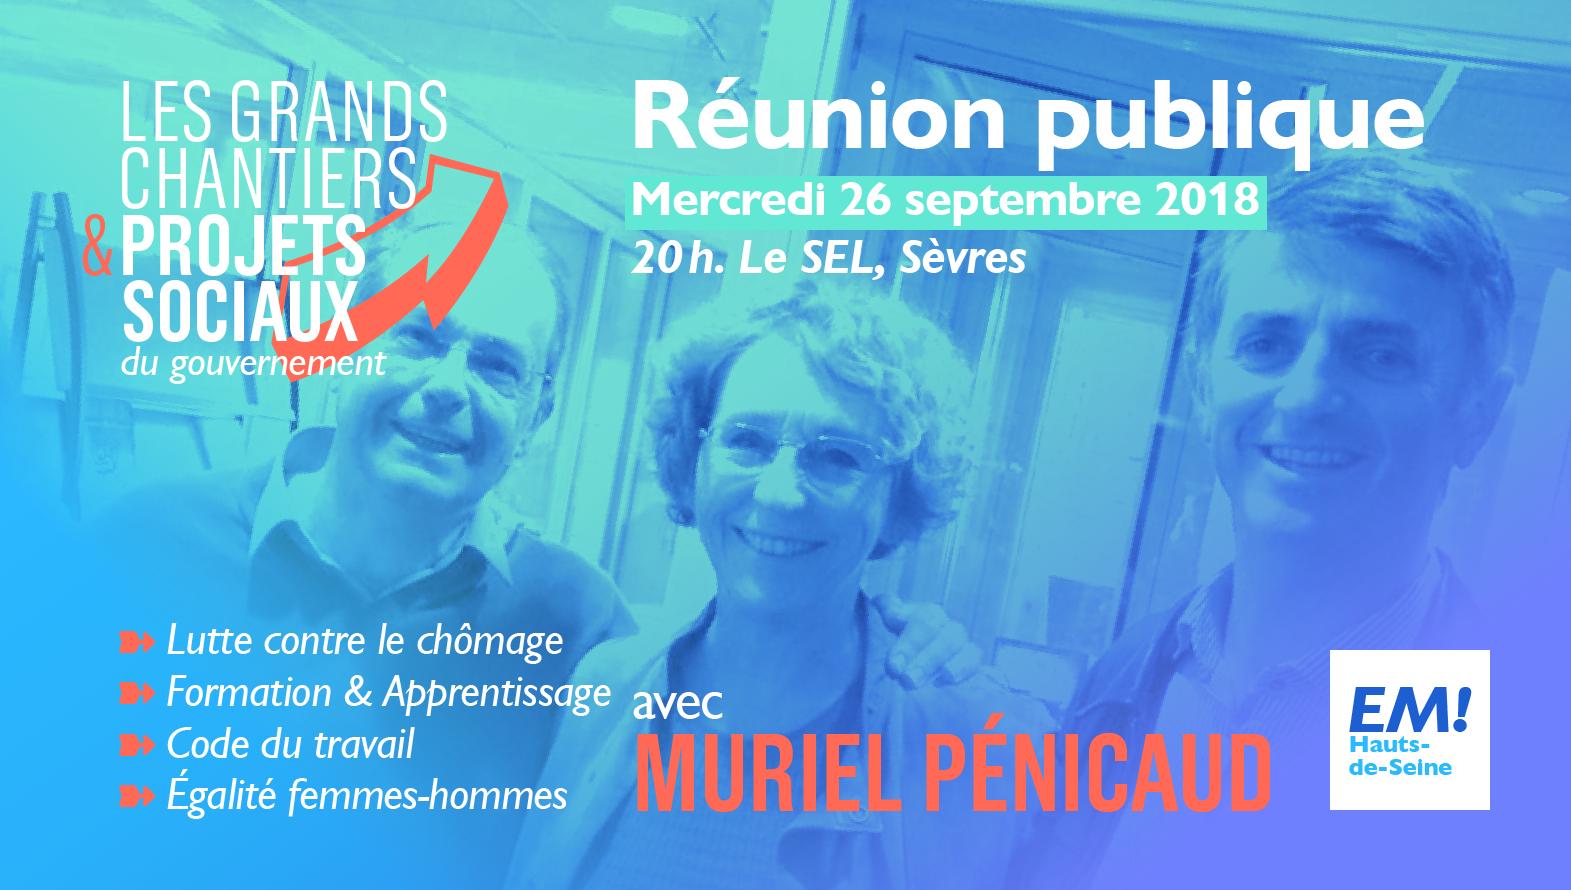 Réunion publique avec Muriel Pénicaud